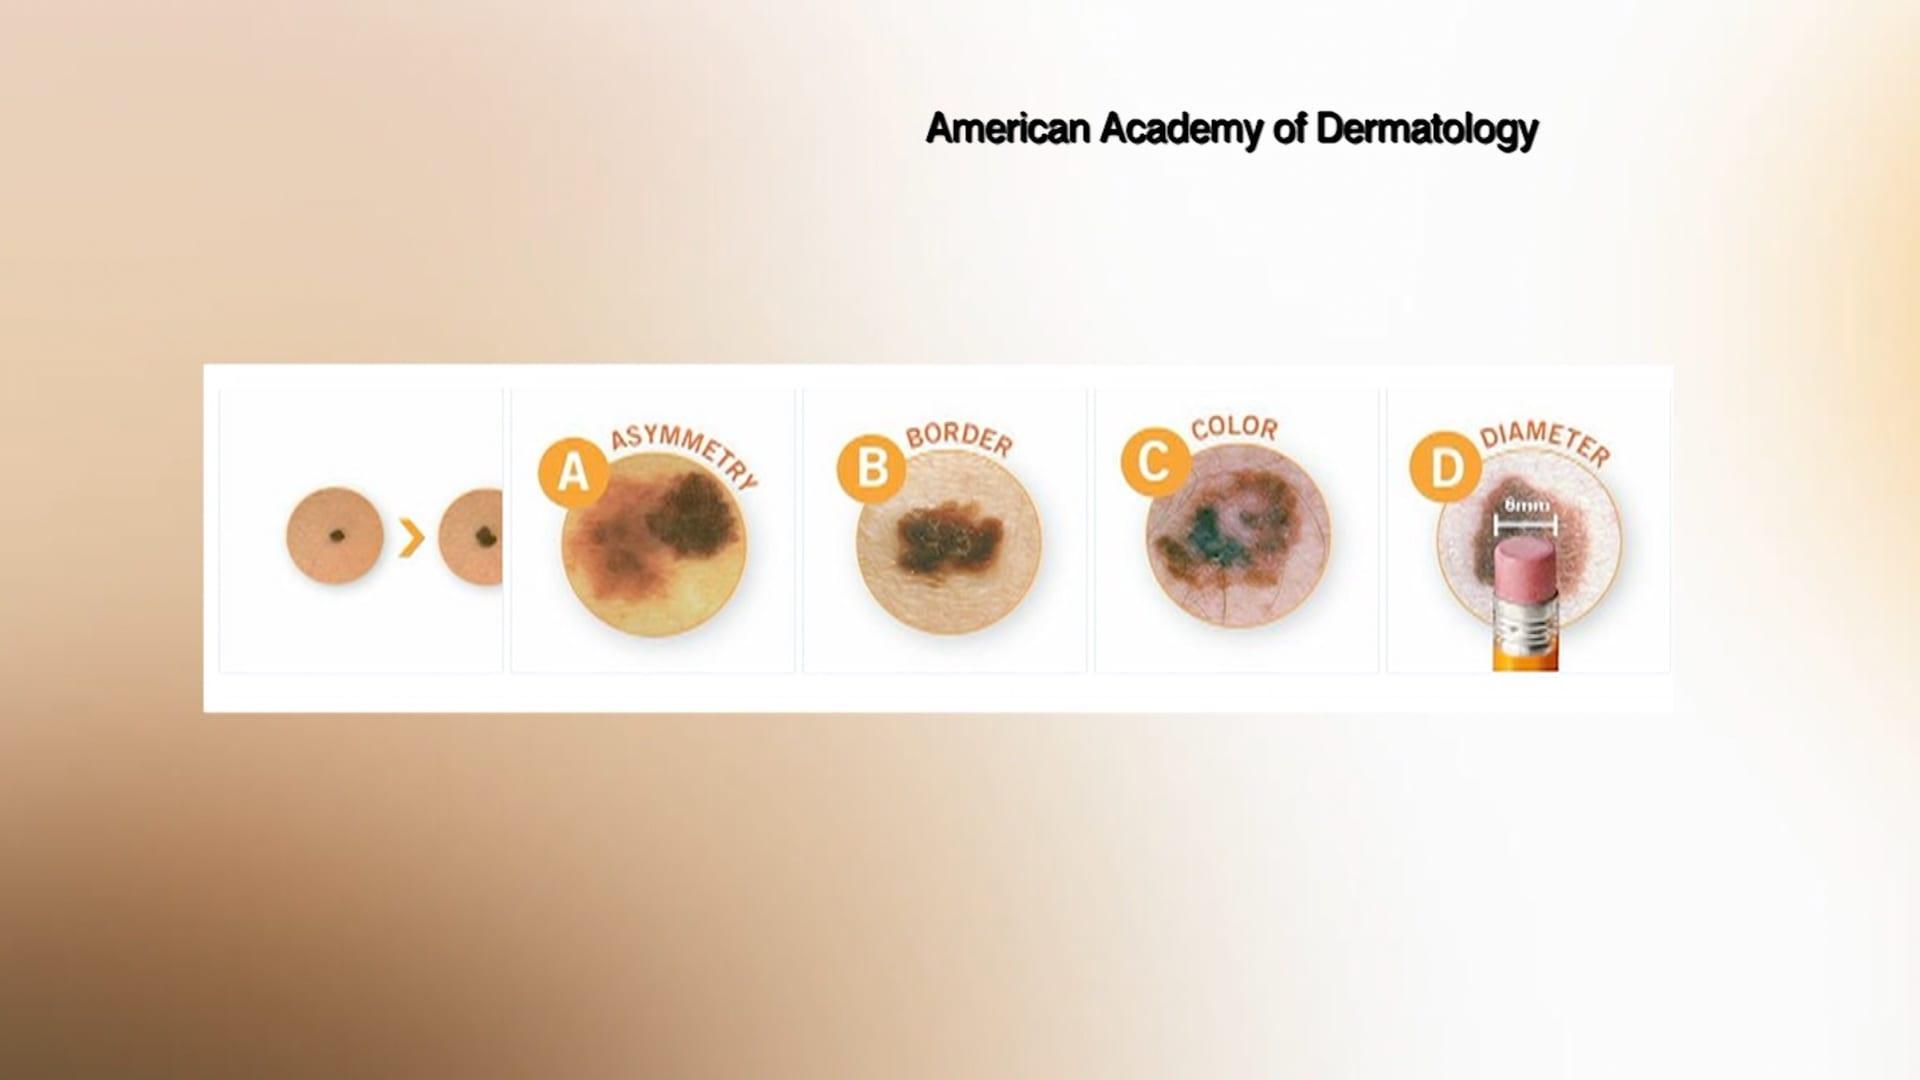 تحذير للرجال فوق سن الخمسين: احترسوا من هذه المؤشرات لسرطان الجلد على جسمكم